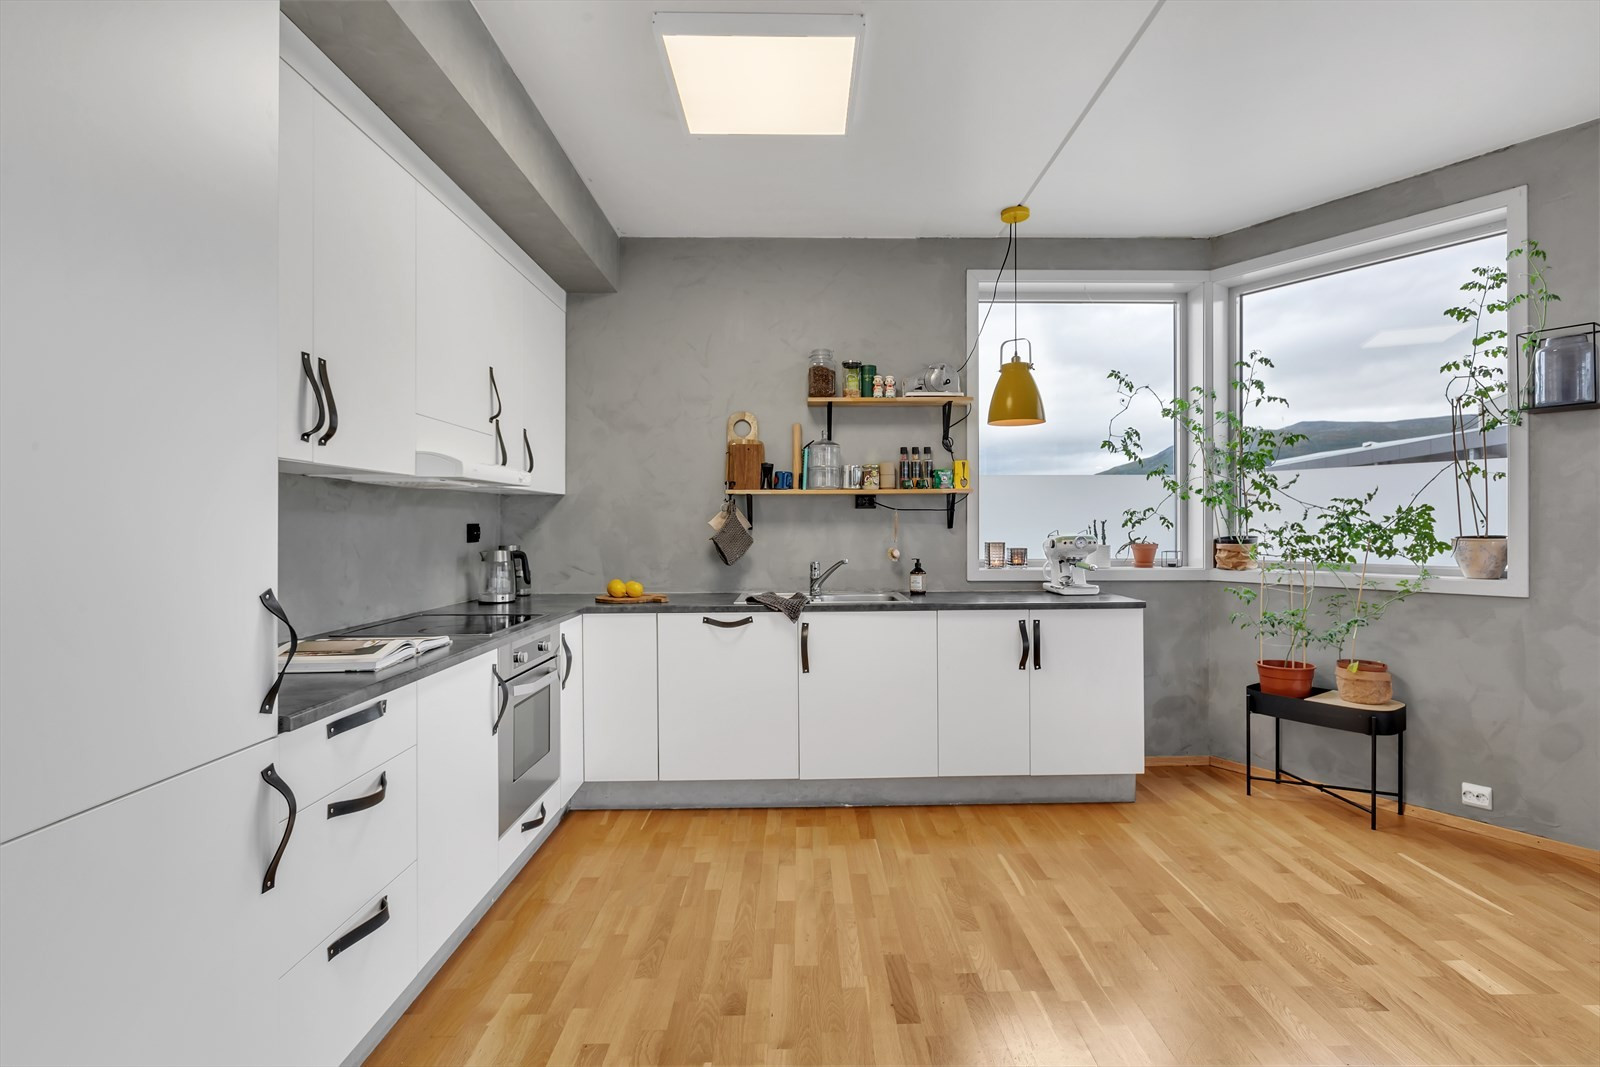 Kjøkkenet har godt med innredninger og integrerte hvitevarer.